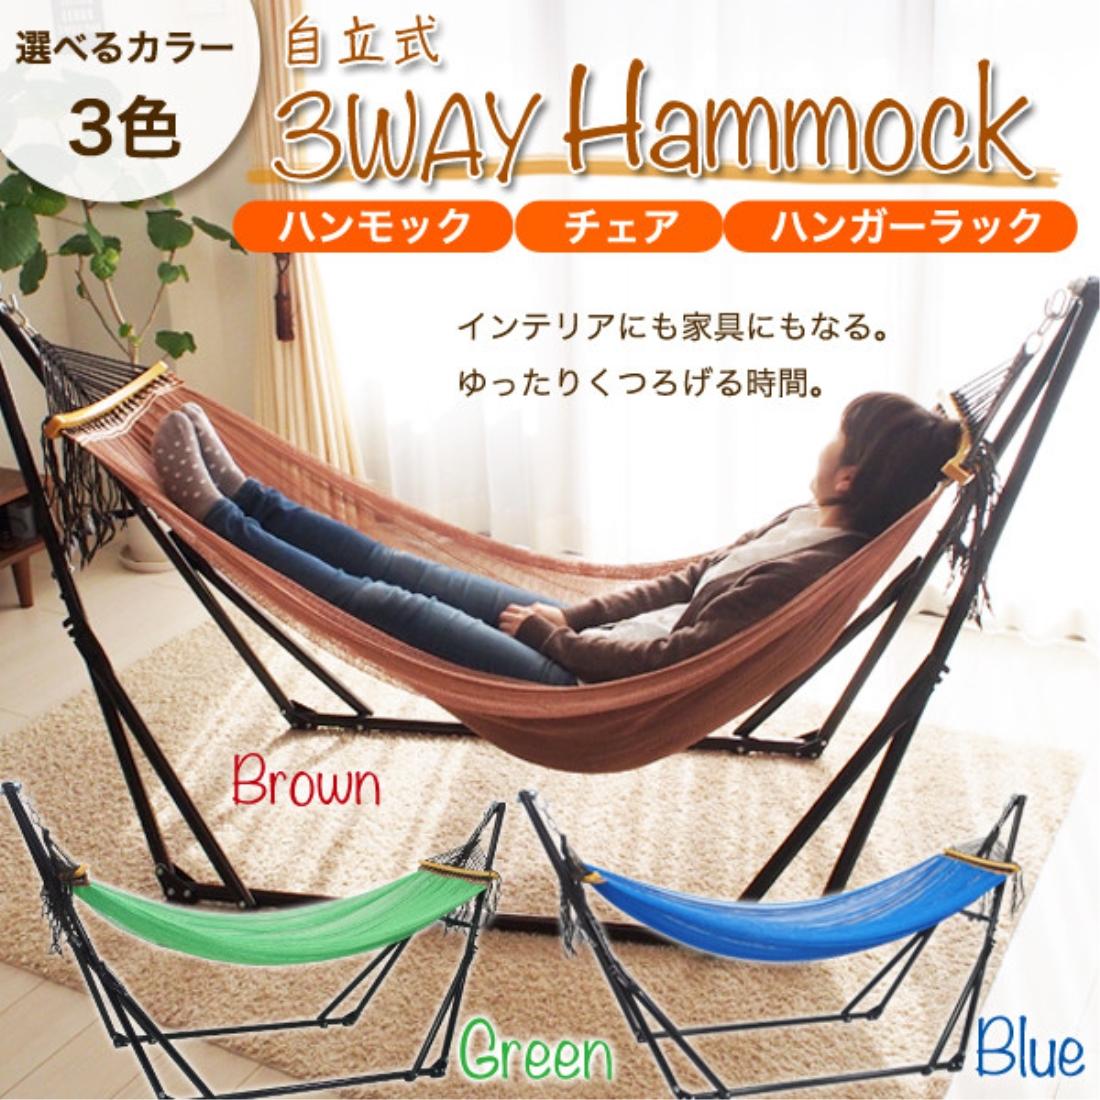 ハンモック チェア ハンガーラック 屋内 屋外自立式3WAYハンモック